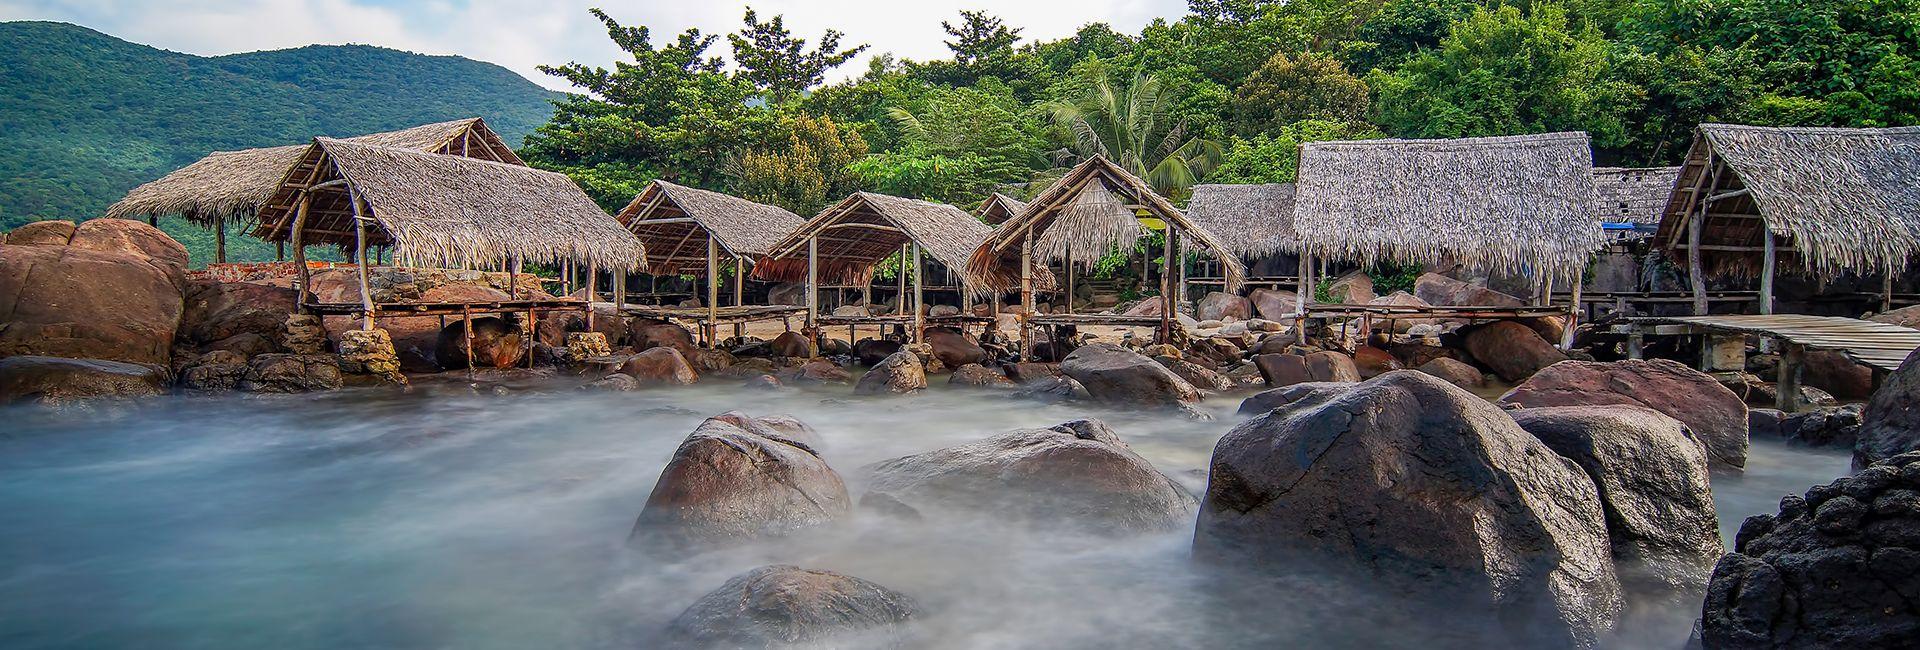 Top 9 địa điểm tốt nhất cho tuần trăng mật ở Đà Nẵng